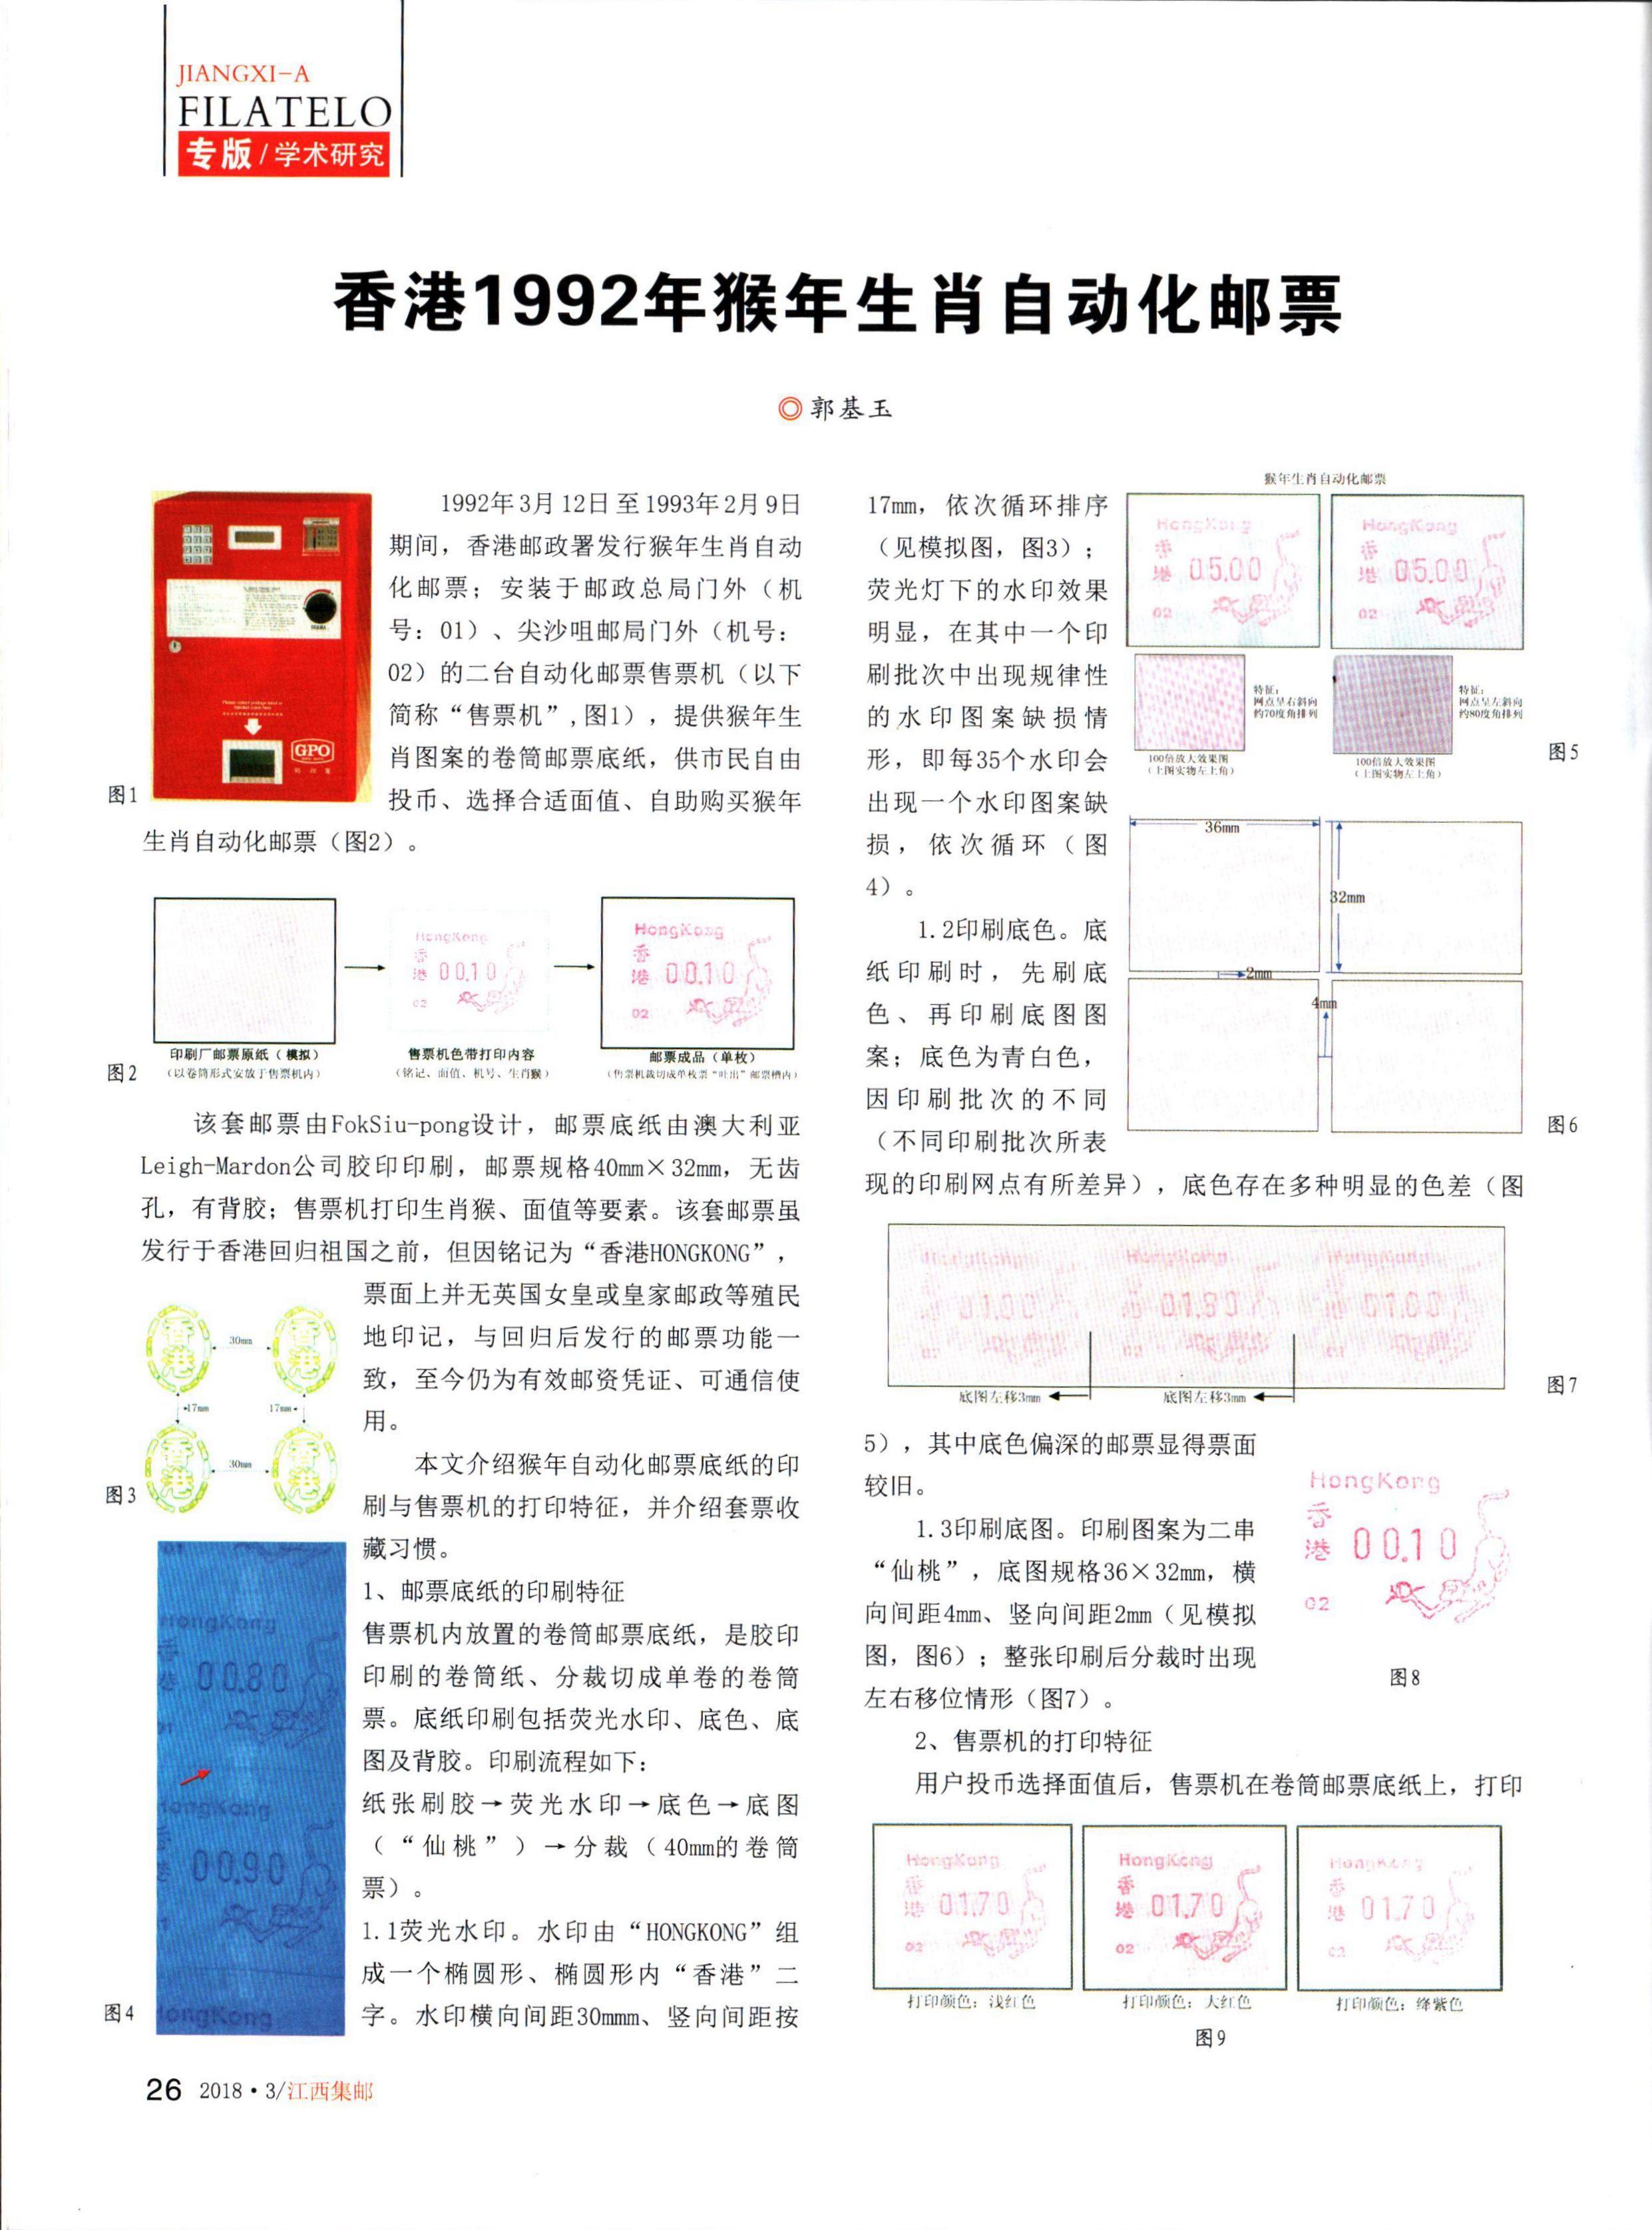 香港1992年猴年生肖自动化邮票1(江西集邮2018